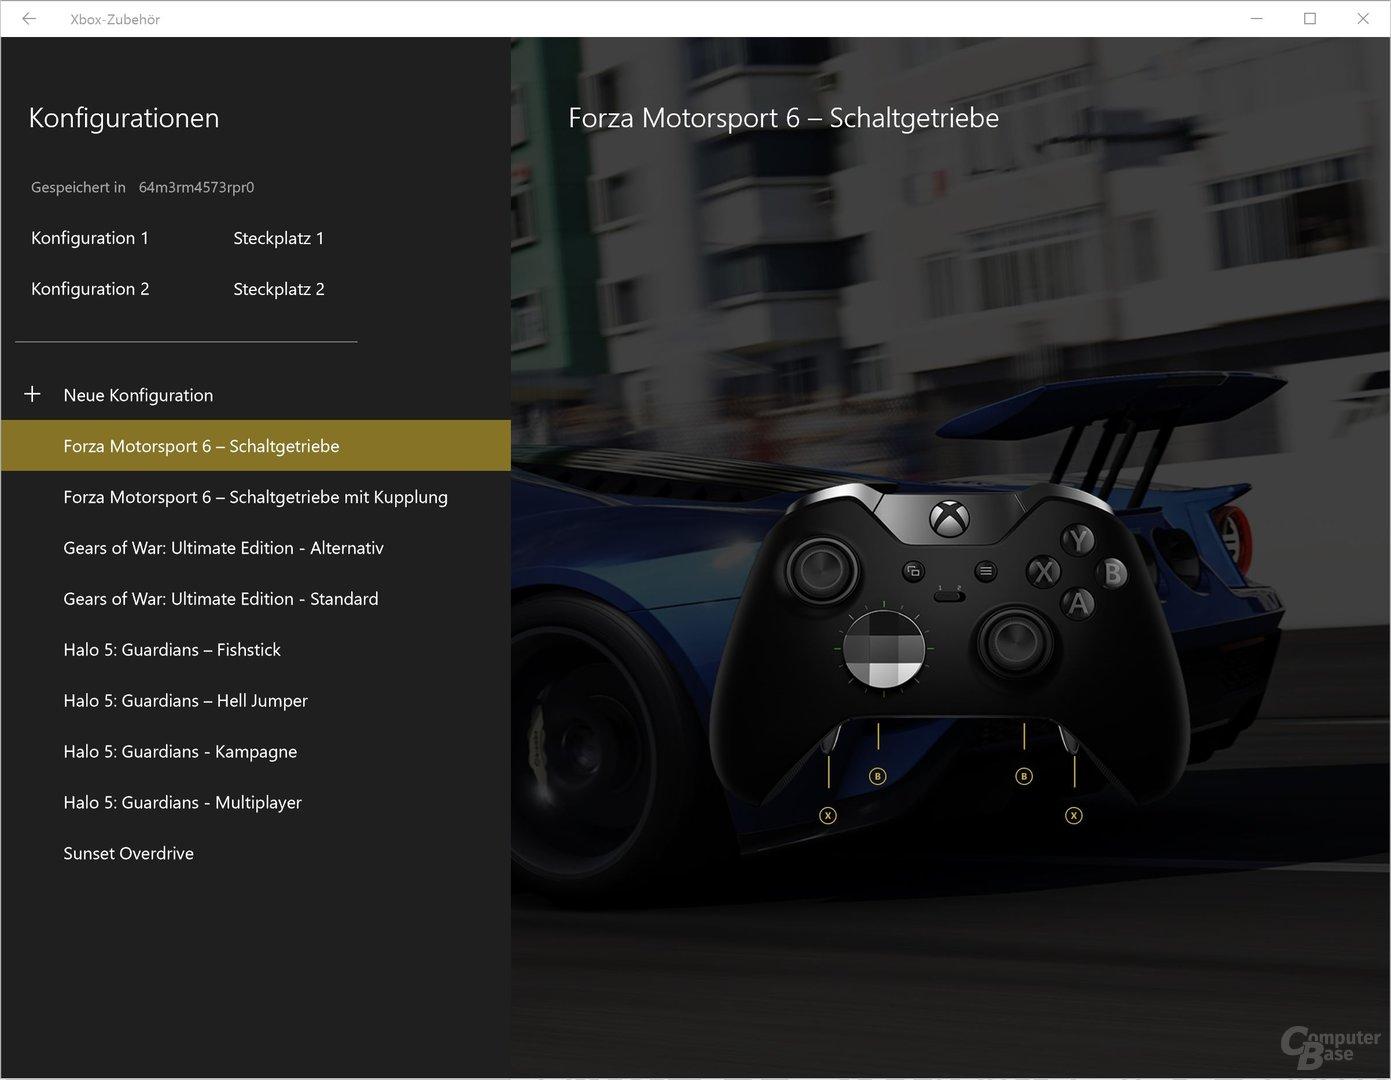 Microsoft bietet bereits vorgefertigte Profile an